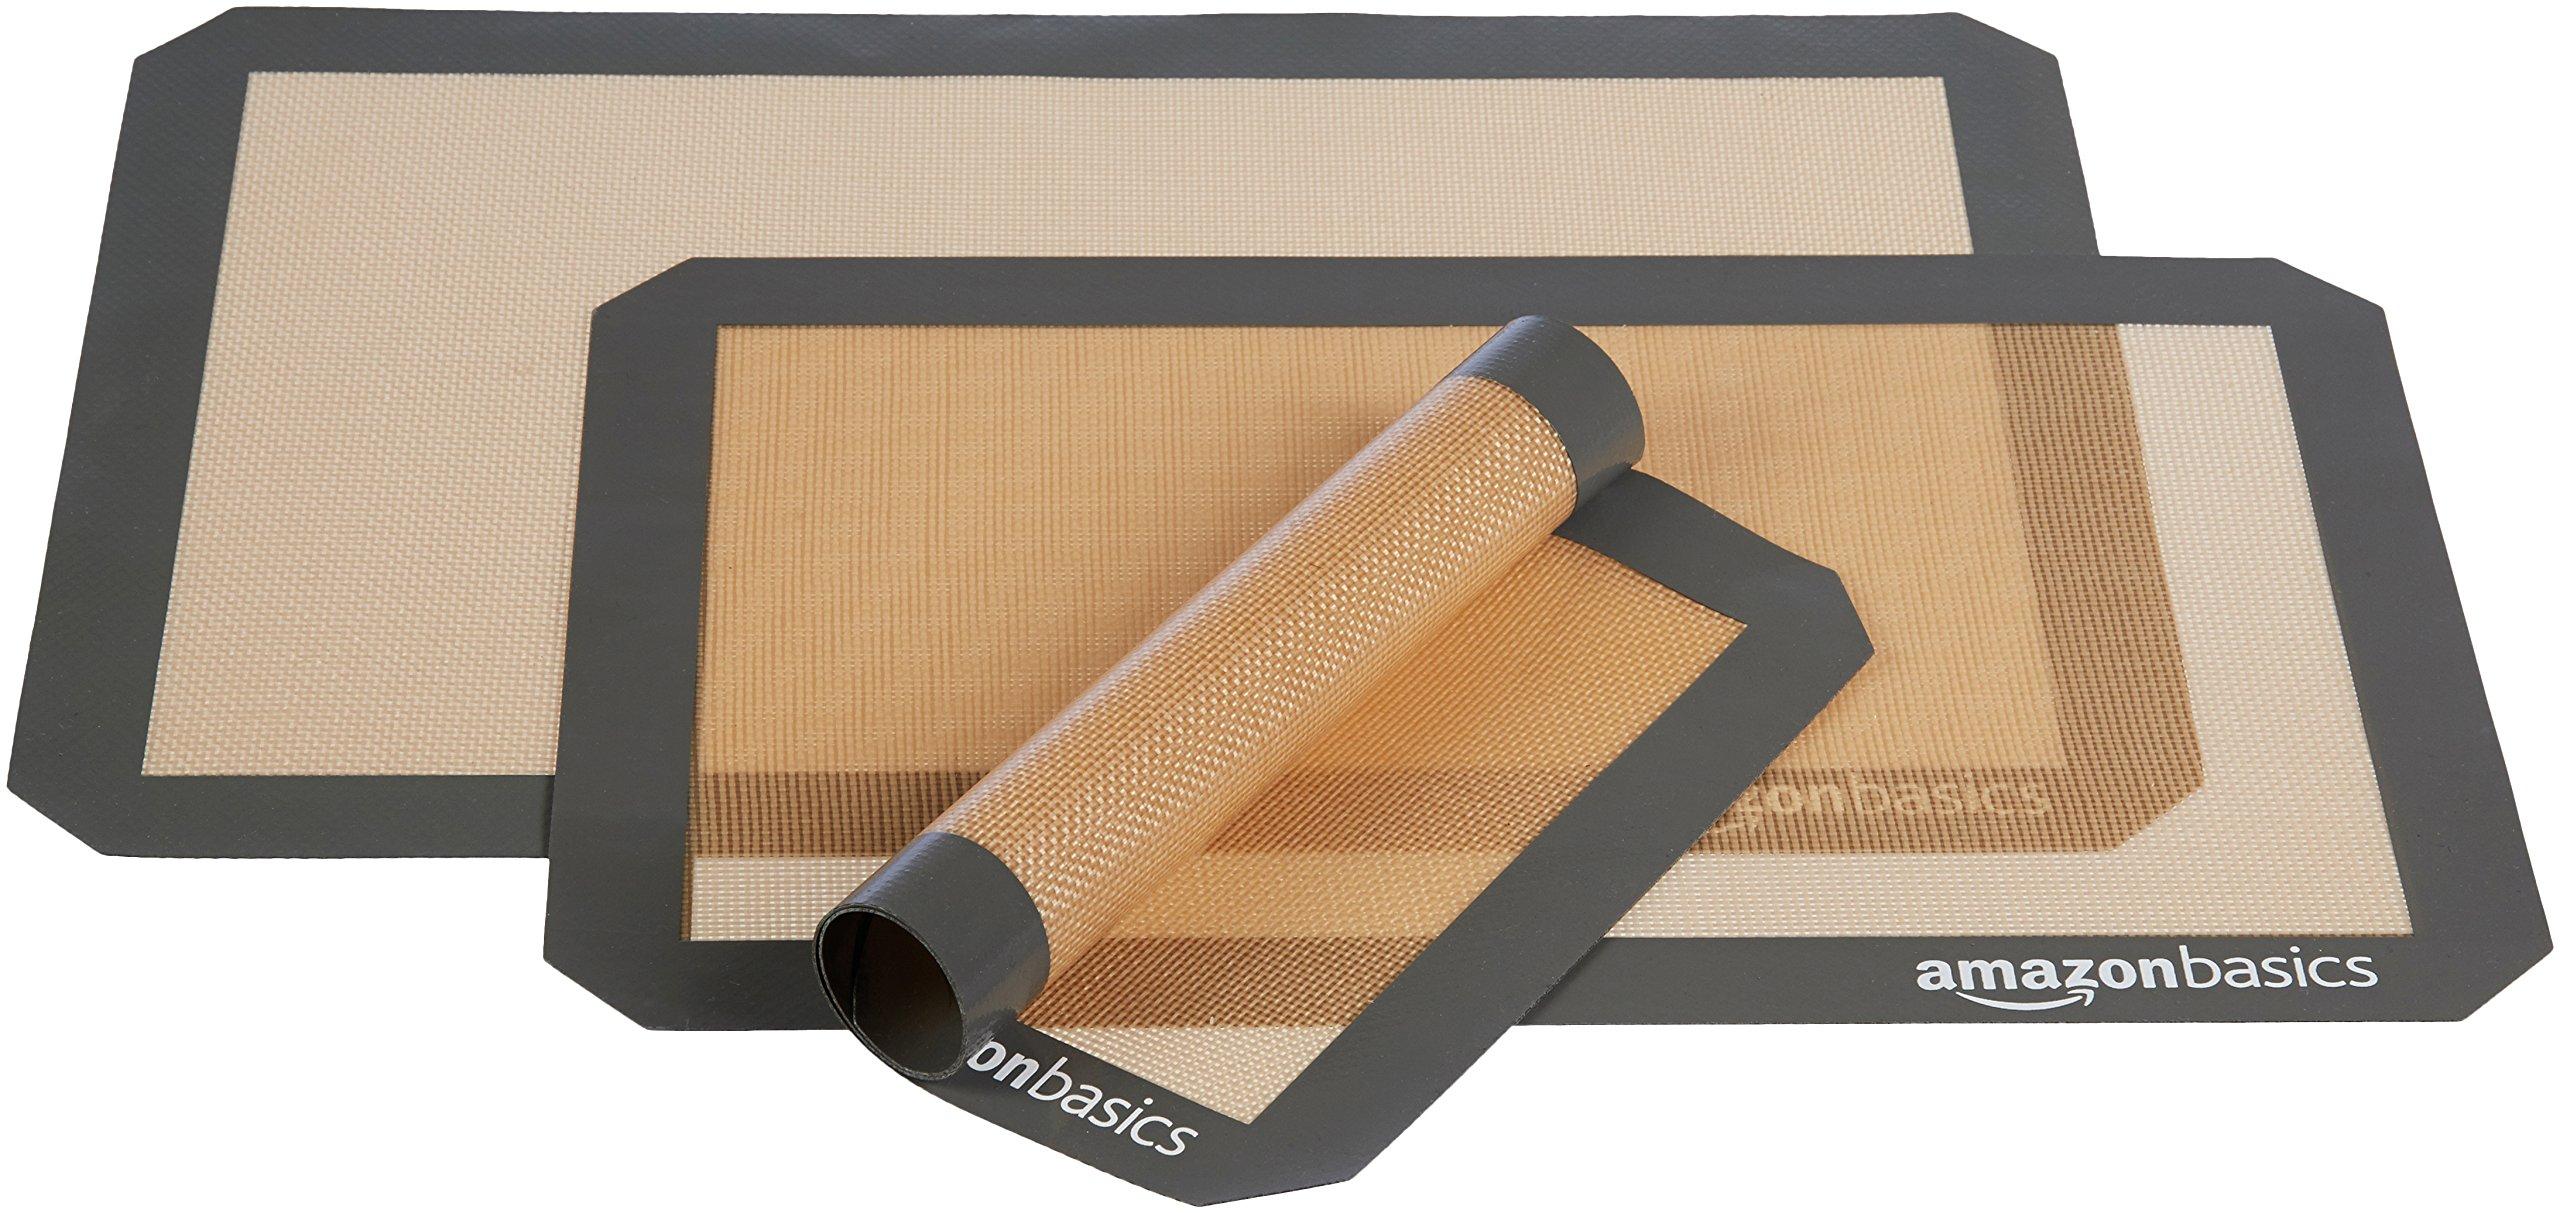 AmazonBasics Silicone Baking Mat - 3-Piece Set by AmazonBasics (Image #4)